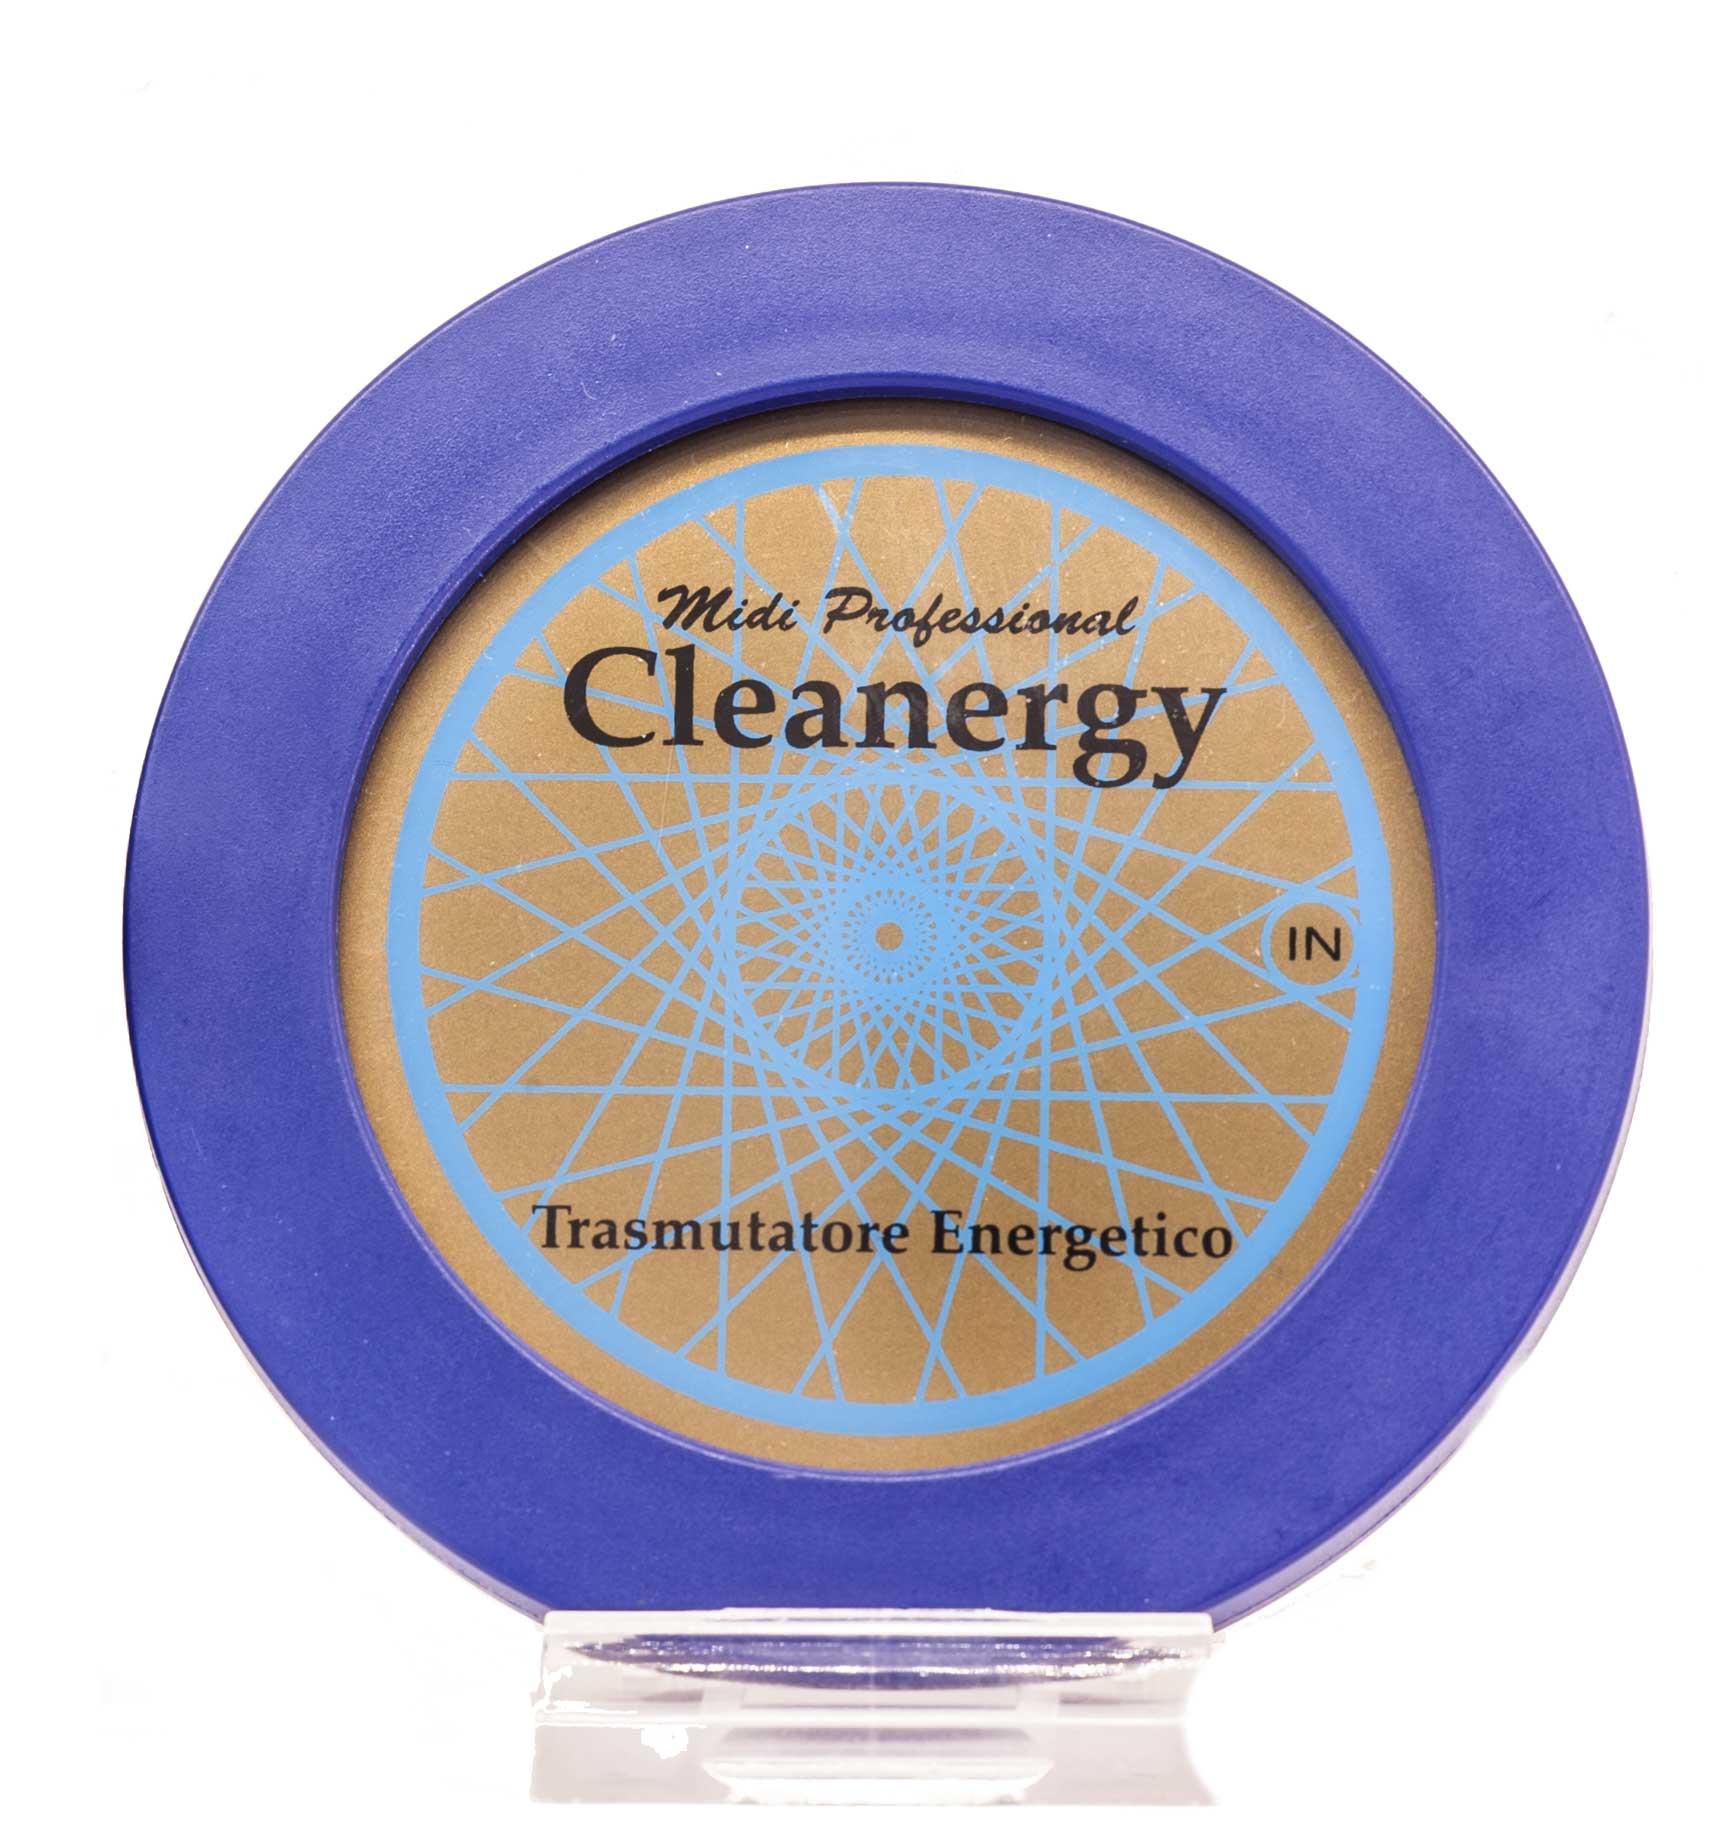 Midi Cleanergy faccia ssorbente